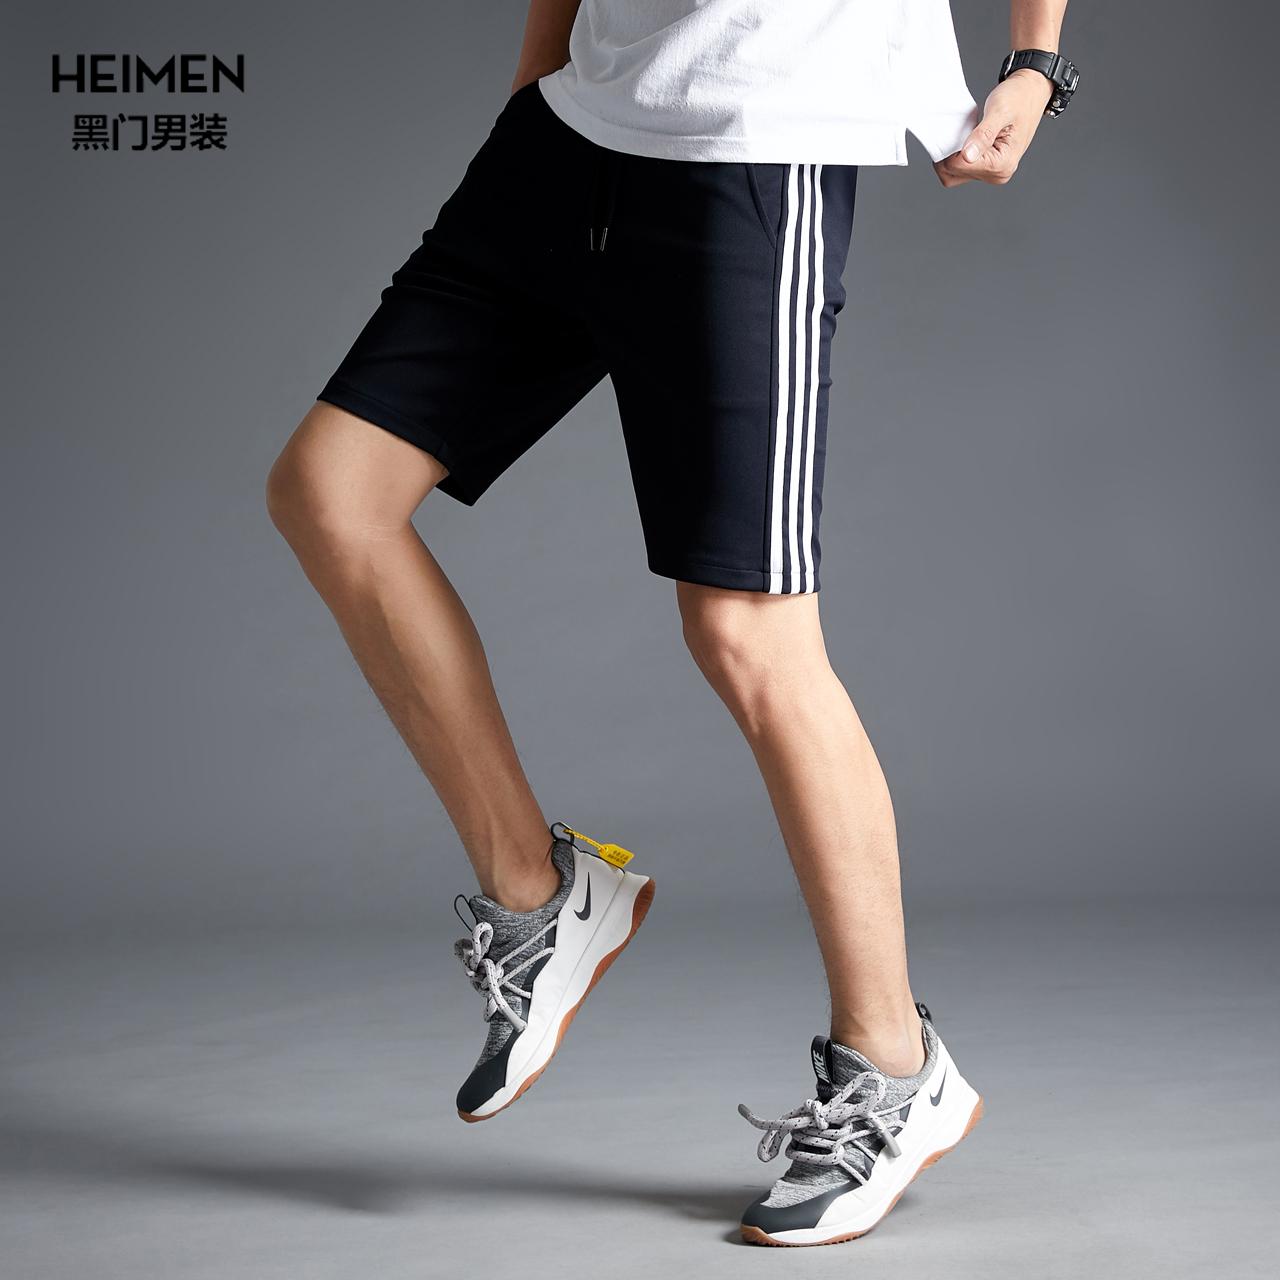 三条杠运动裤男短裤潮牌五分裤男士夏薄款条纹中裤沙滩裤宽松休闲